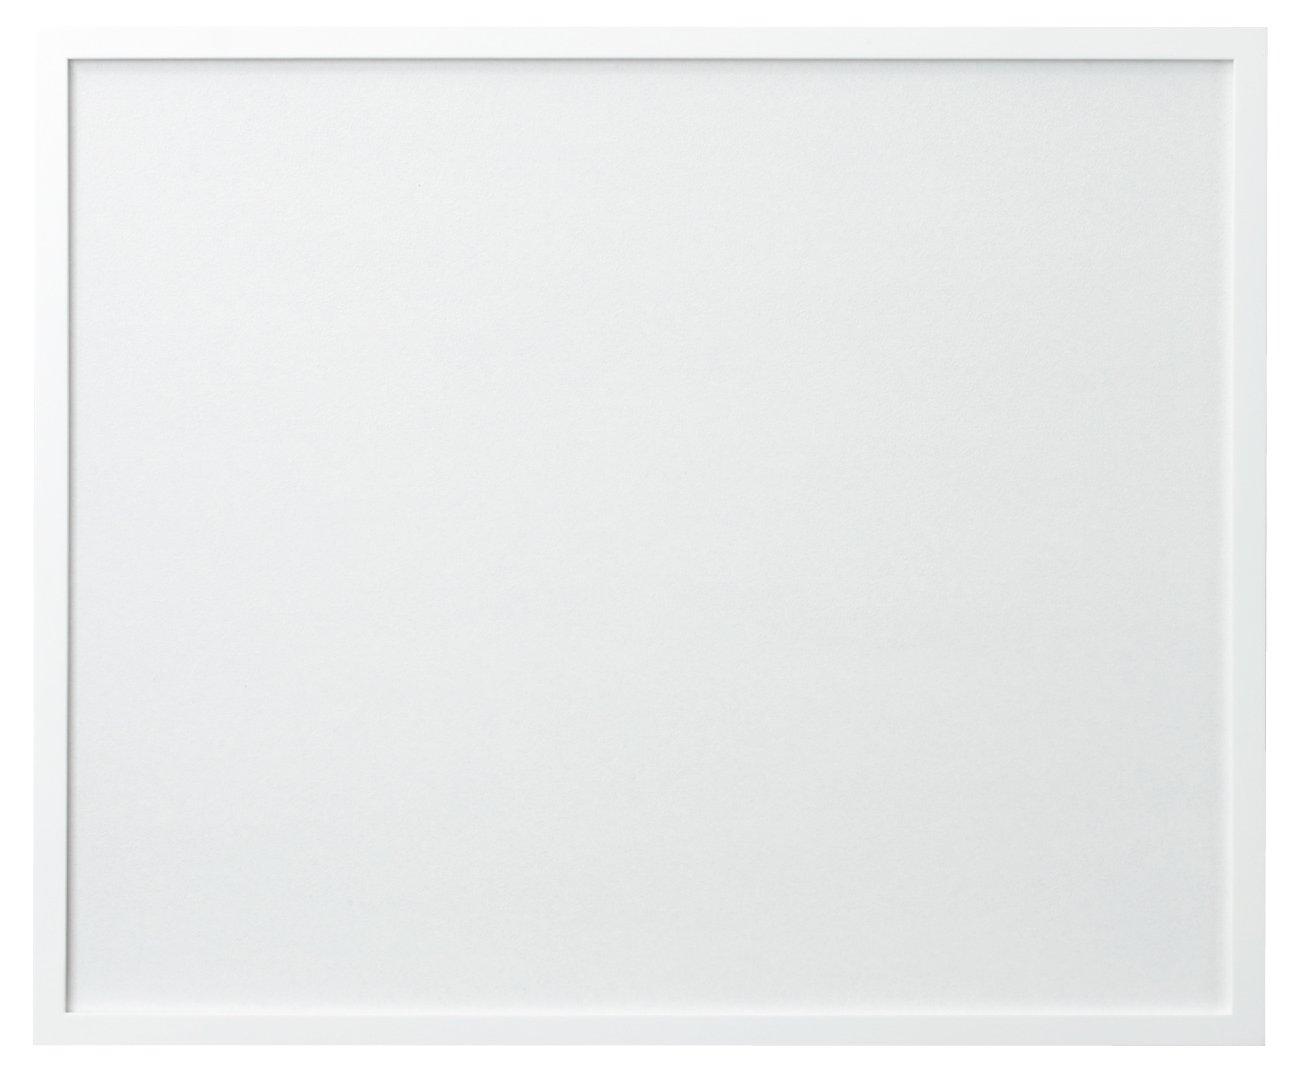 ラーソンジュールニッポン 額縁 D771 白 水彩F4 アクリル D771373 B00D0YZ2OW 水彩F4|白 白 水彩F4